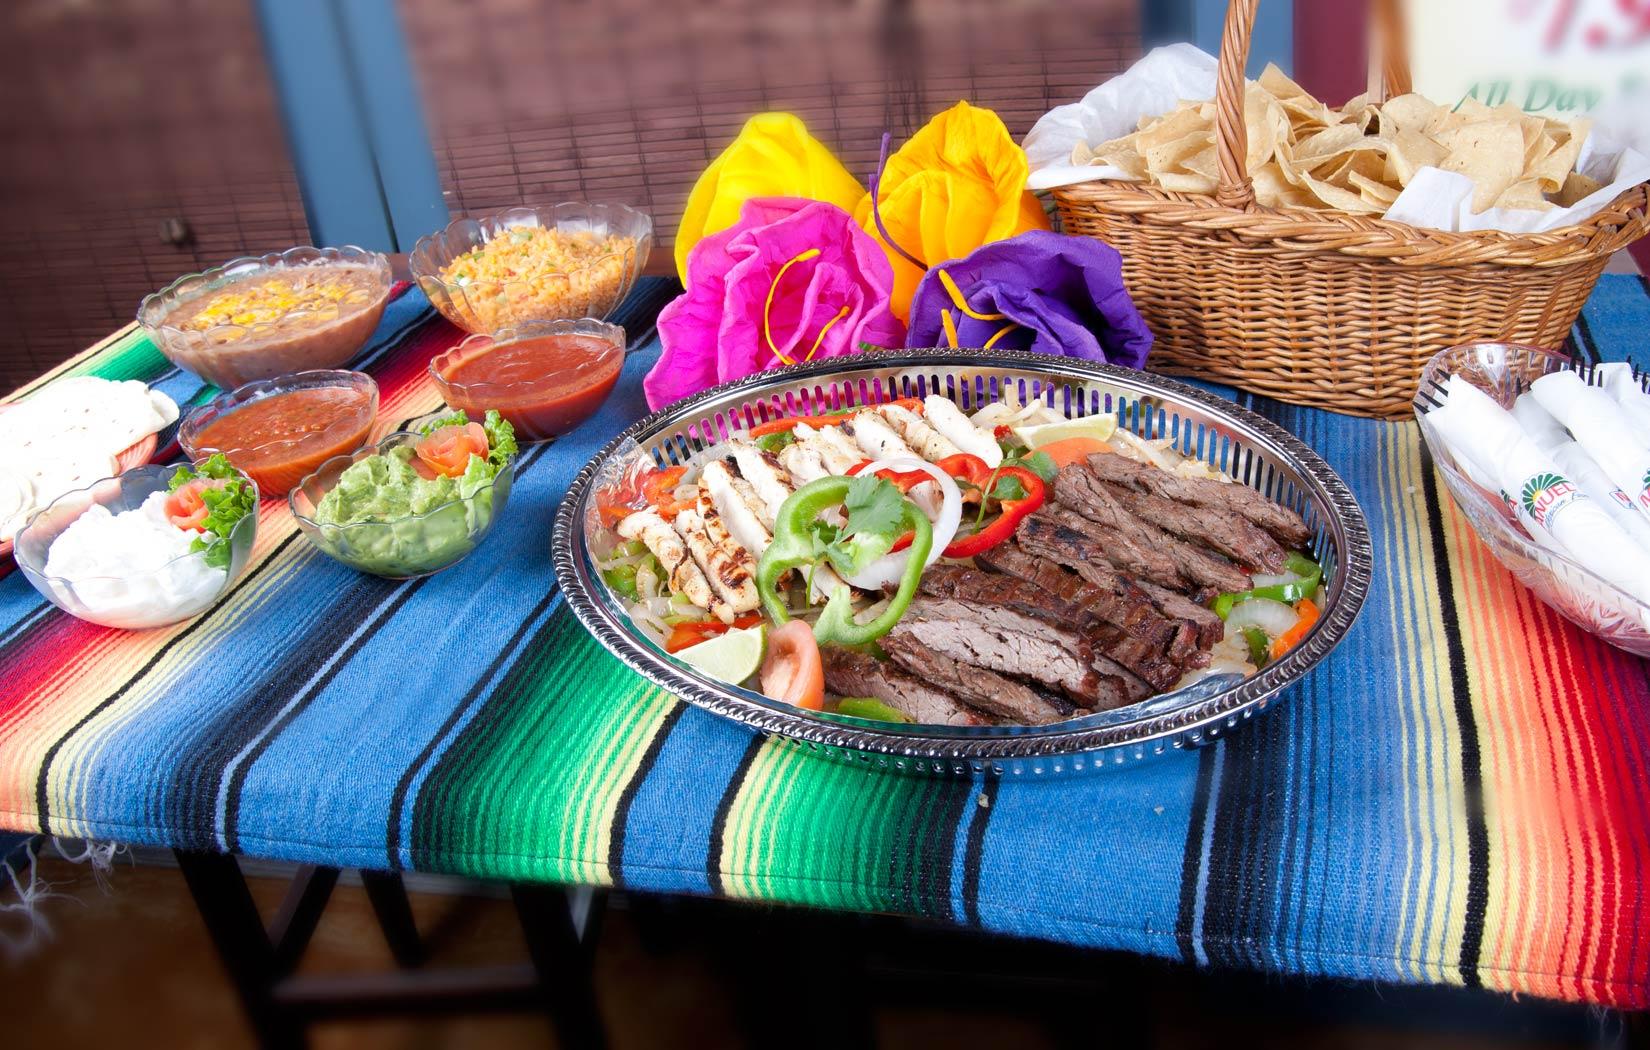 fajita taco bar, fiesta feast